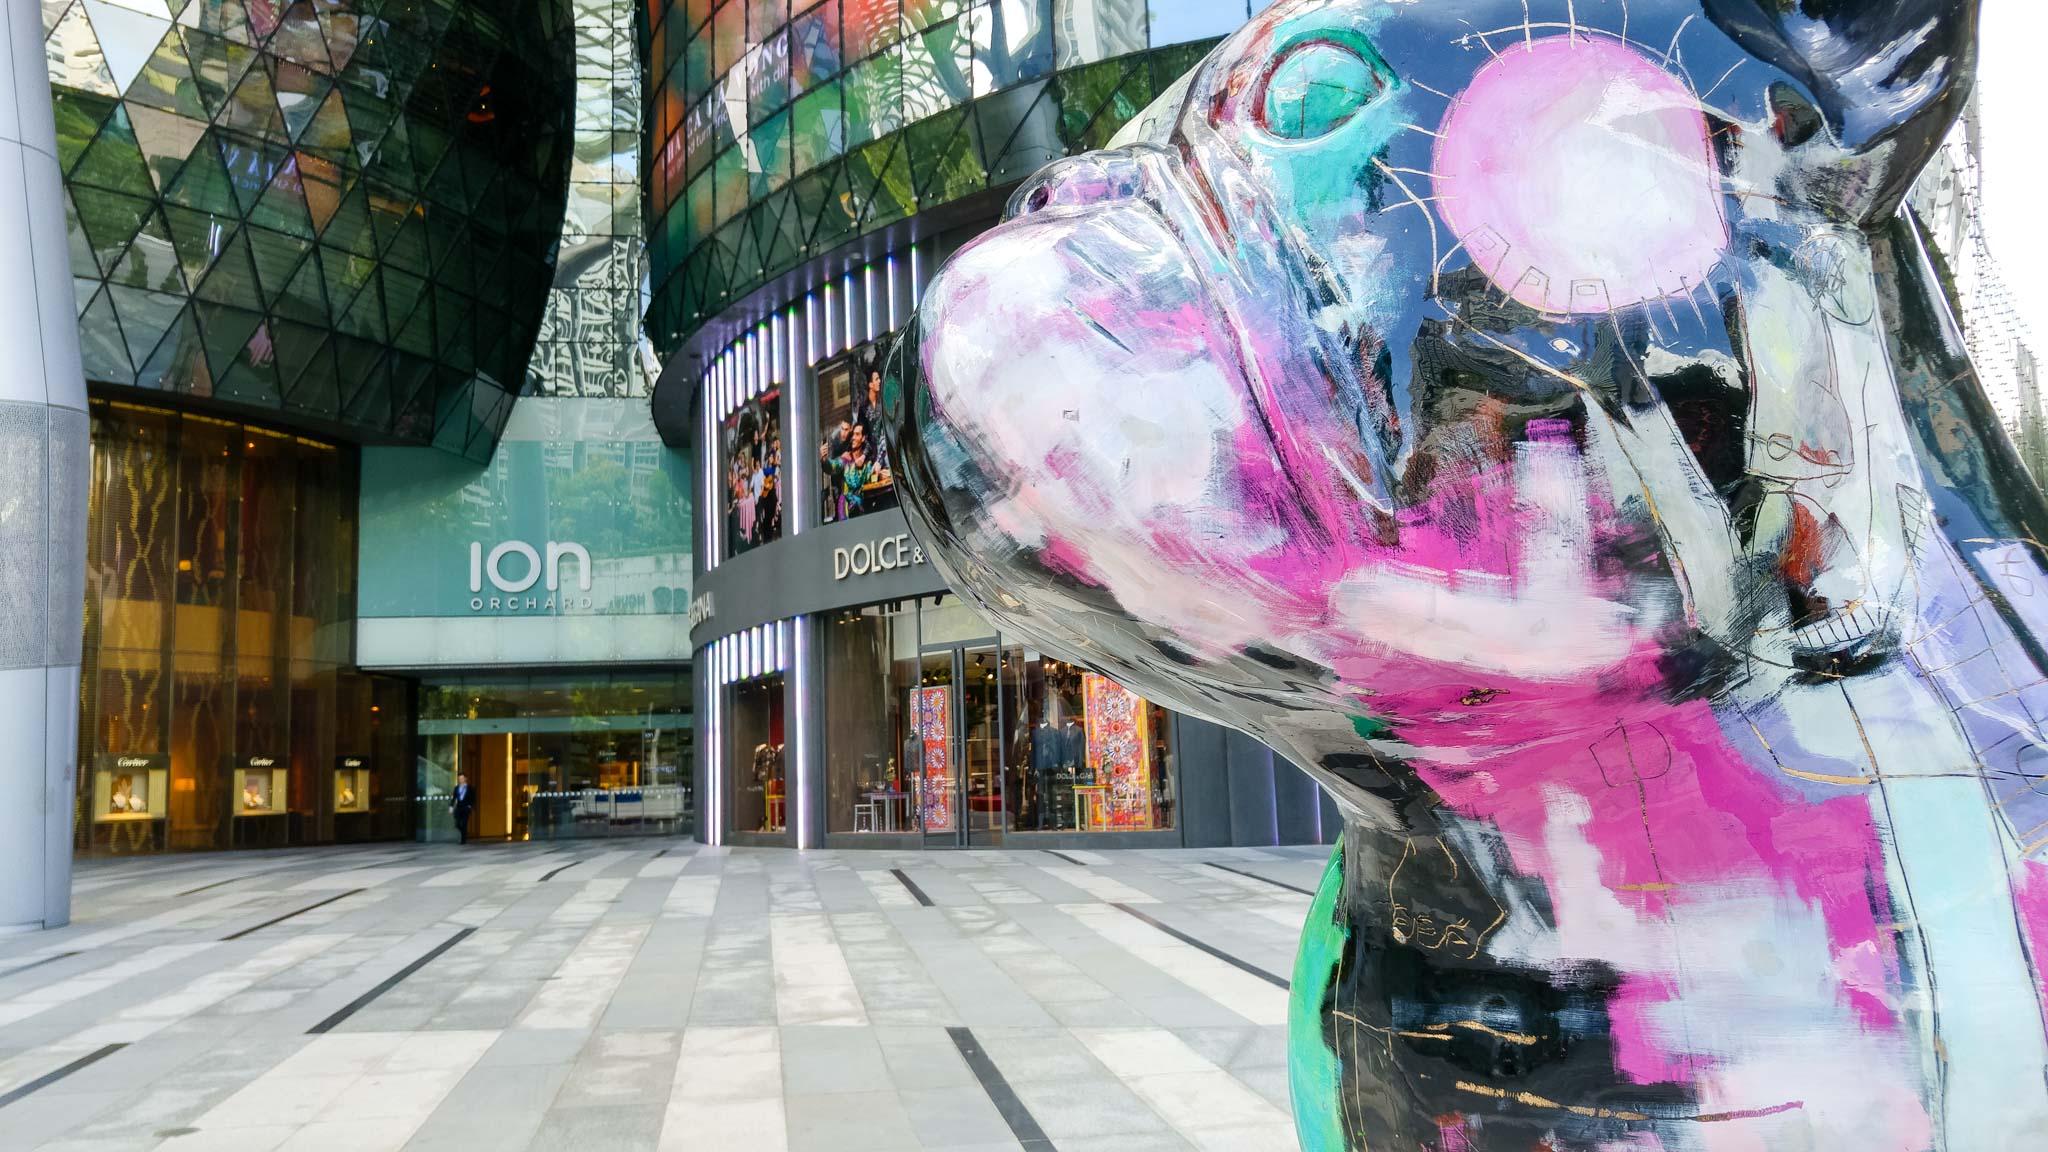 ION on yksi Orchardin suurimmista ostoskeskuksista. Kuva: Joel Sjöberg